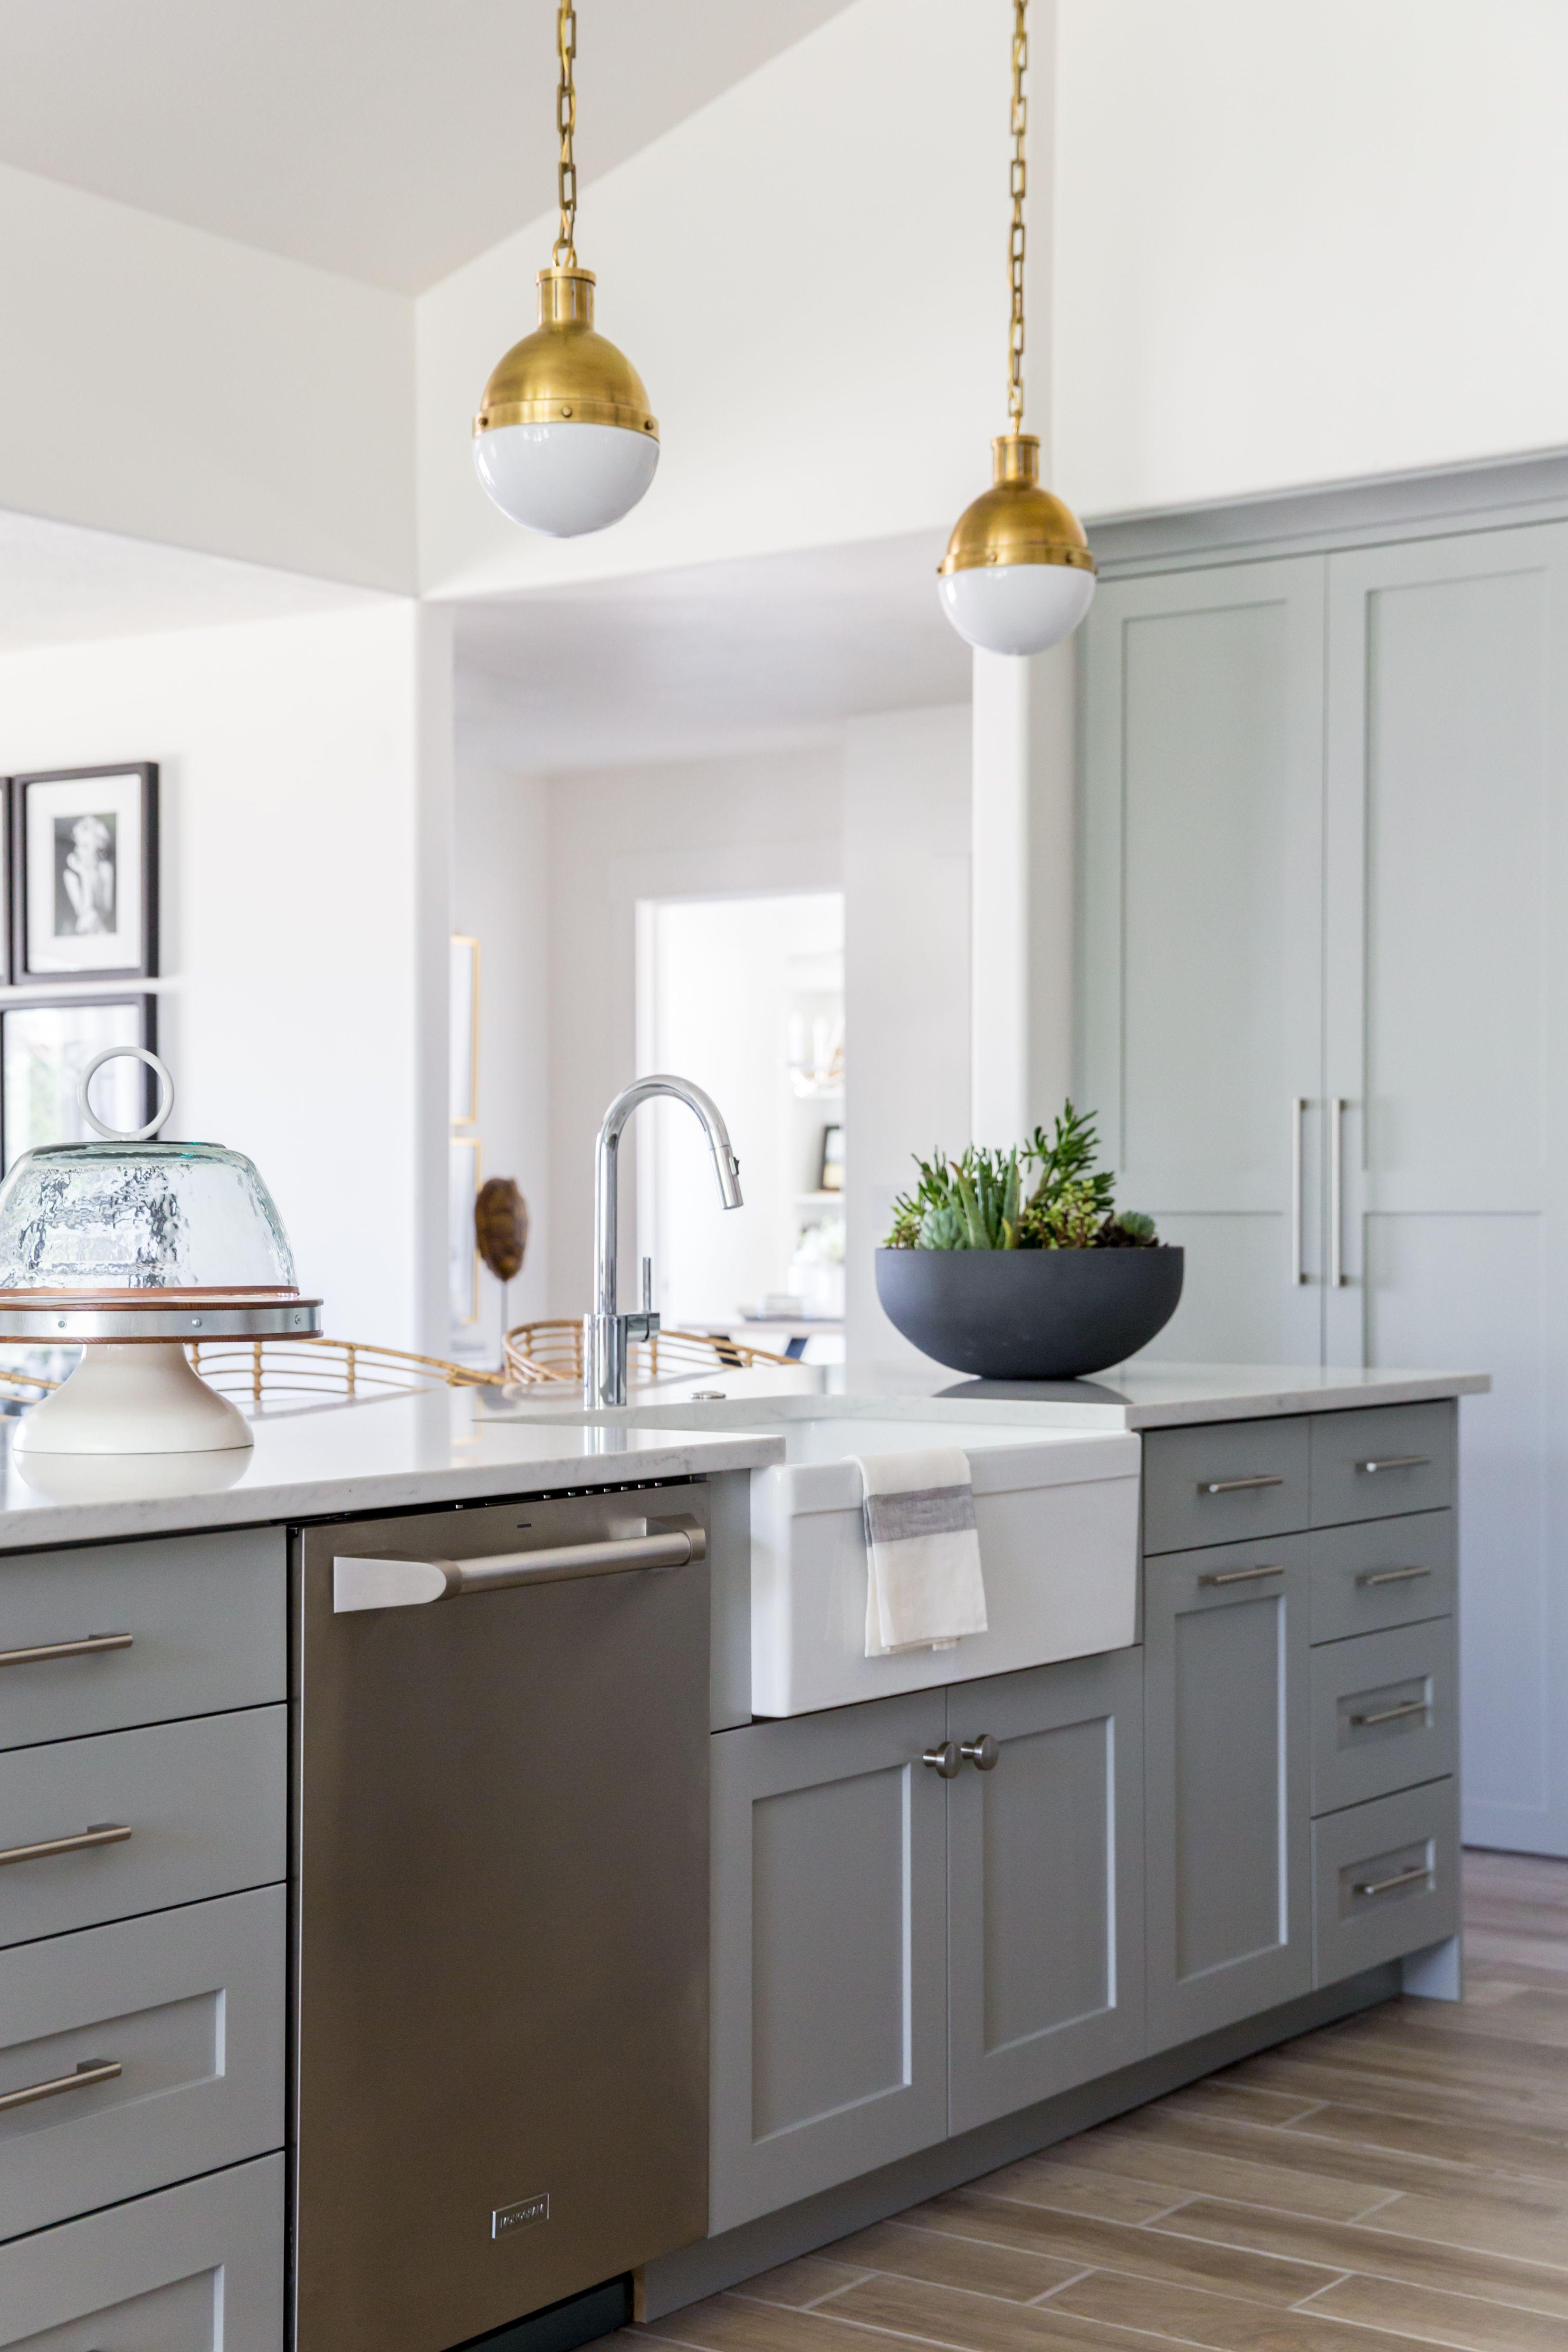 kitchen details  utah parade of homes 2018  ovation